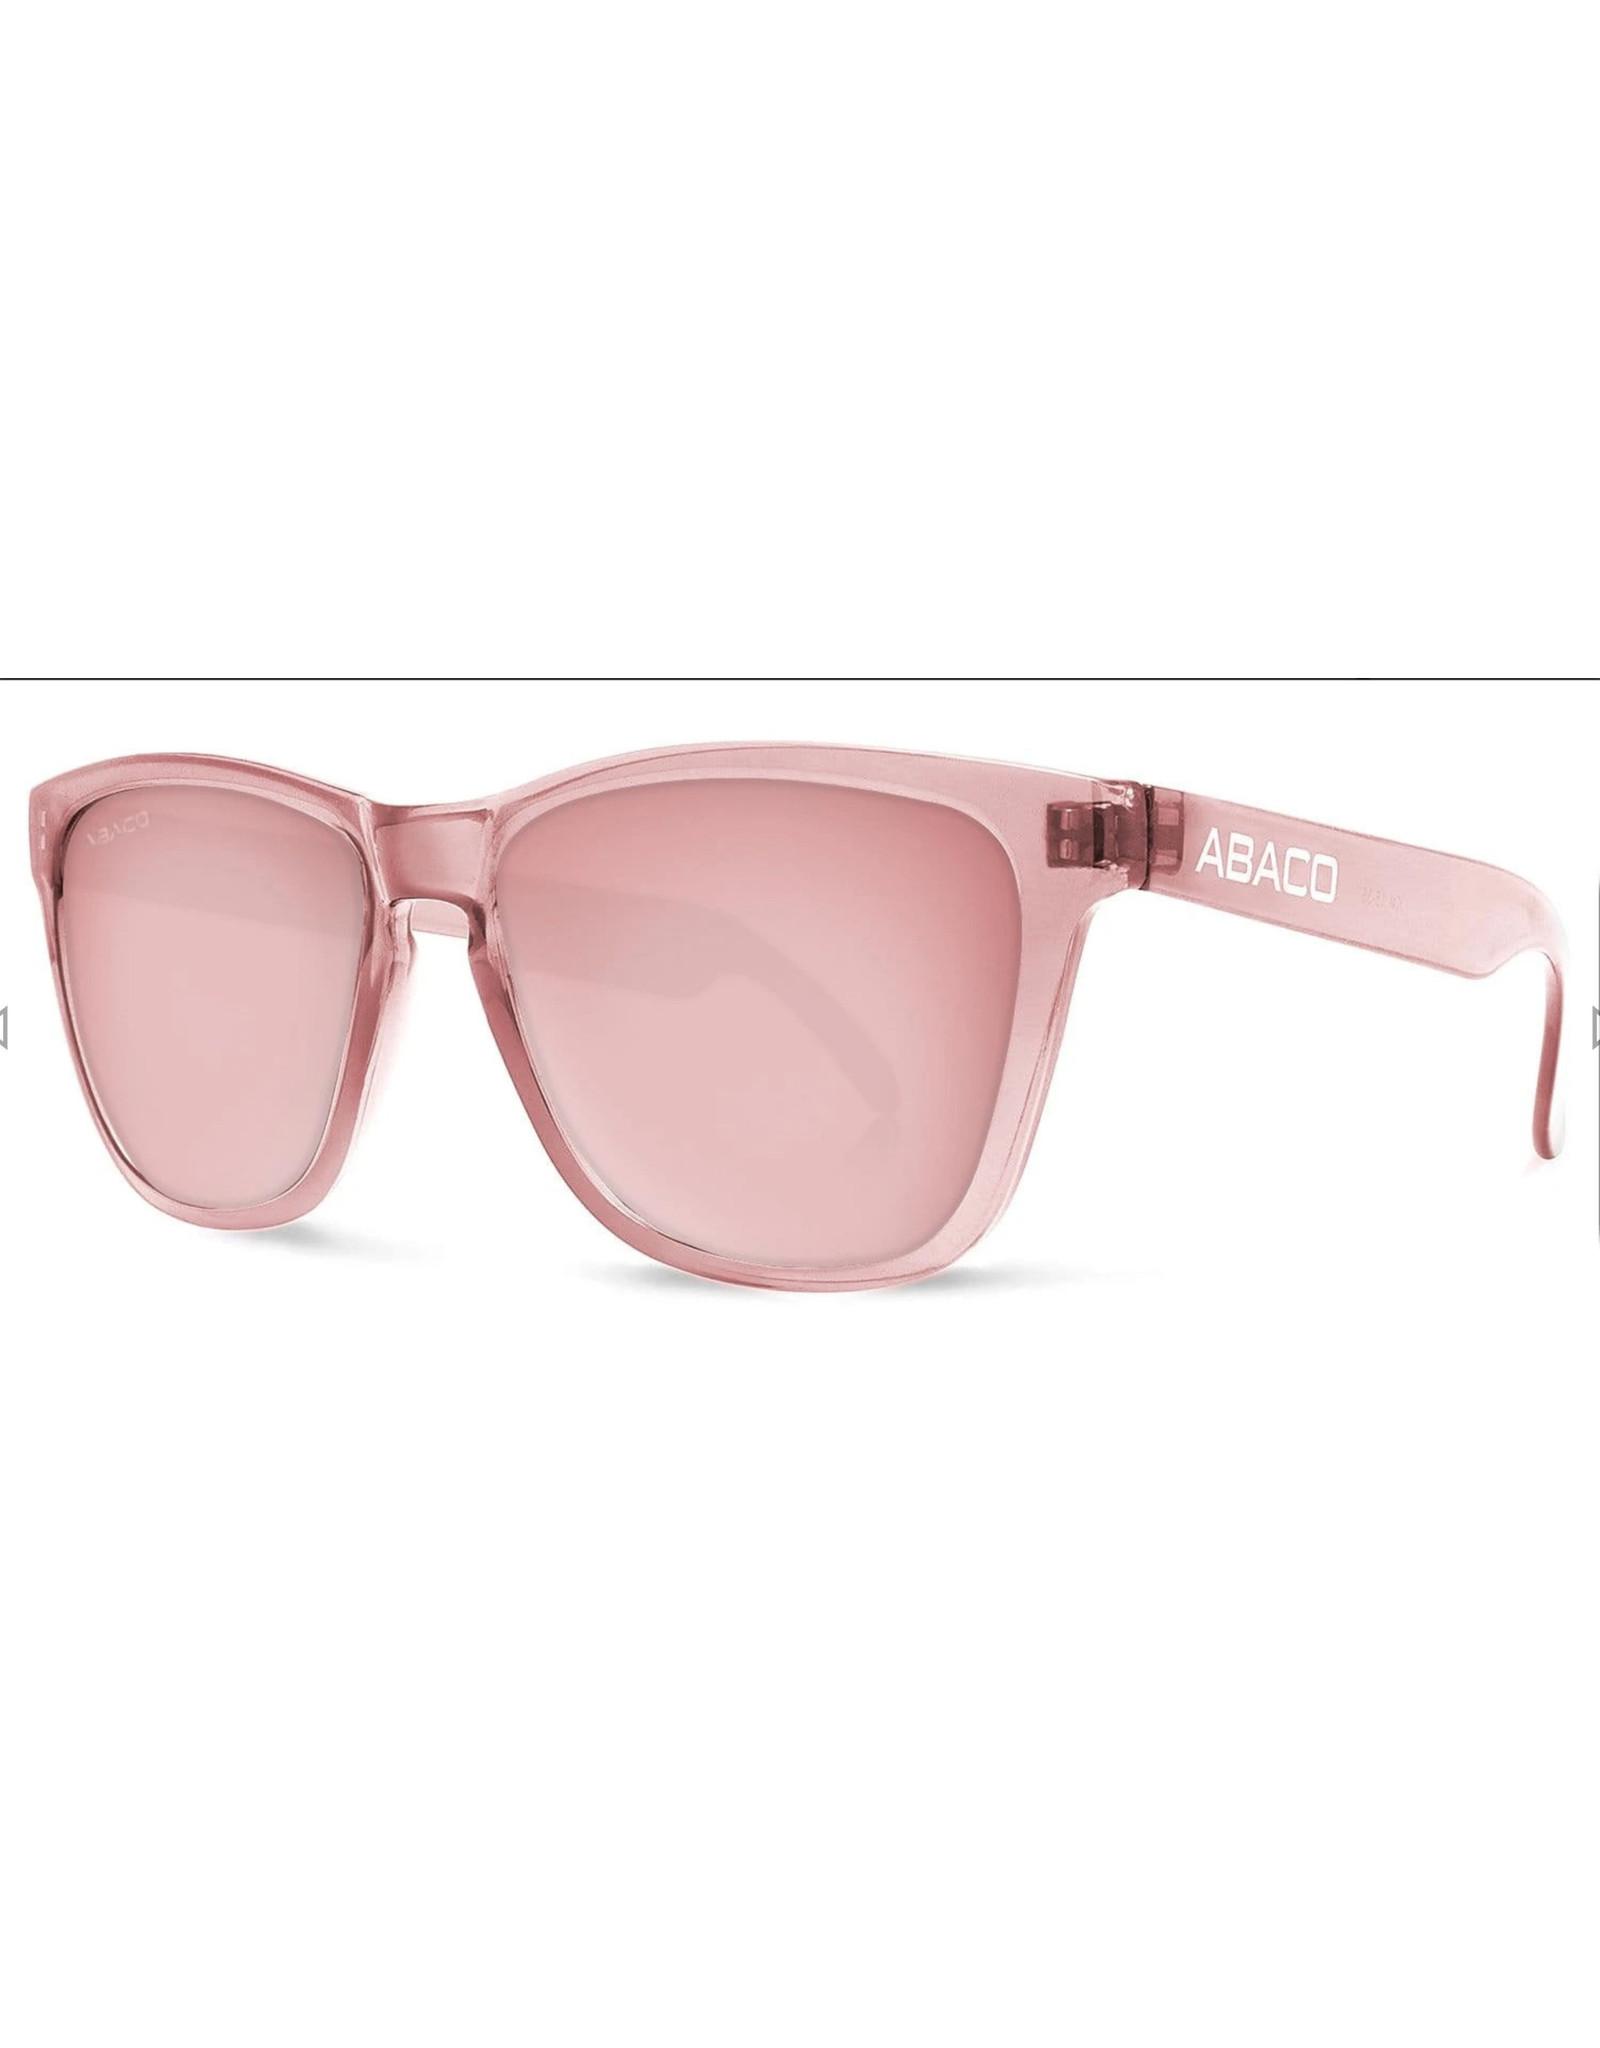 Abaco Polarized Kai Translucent Pink/Rose Gold